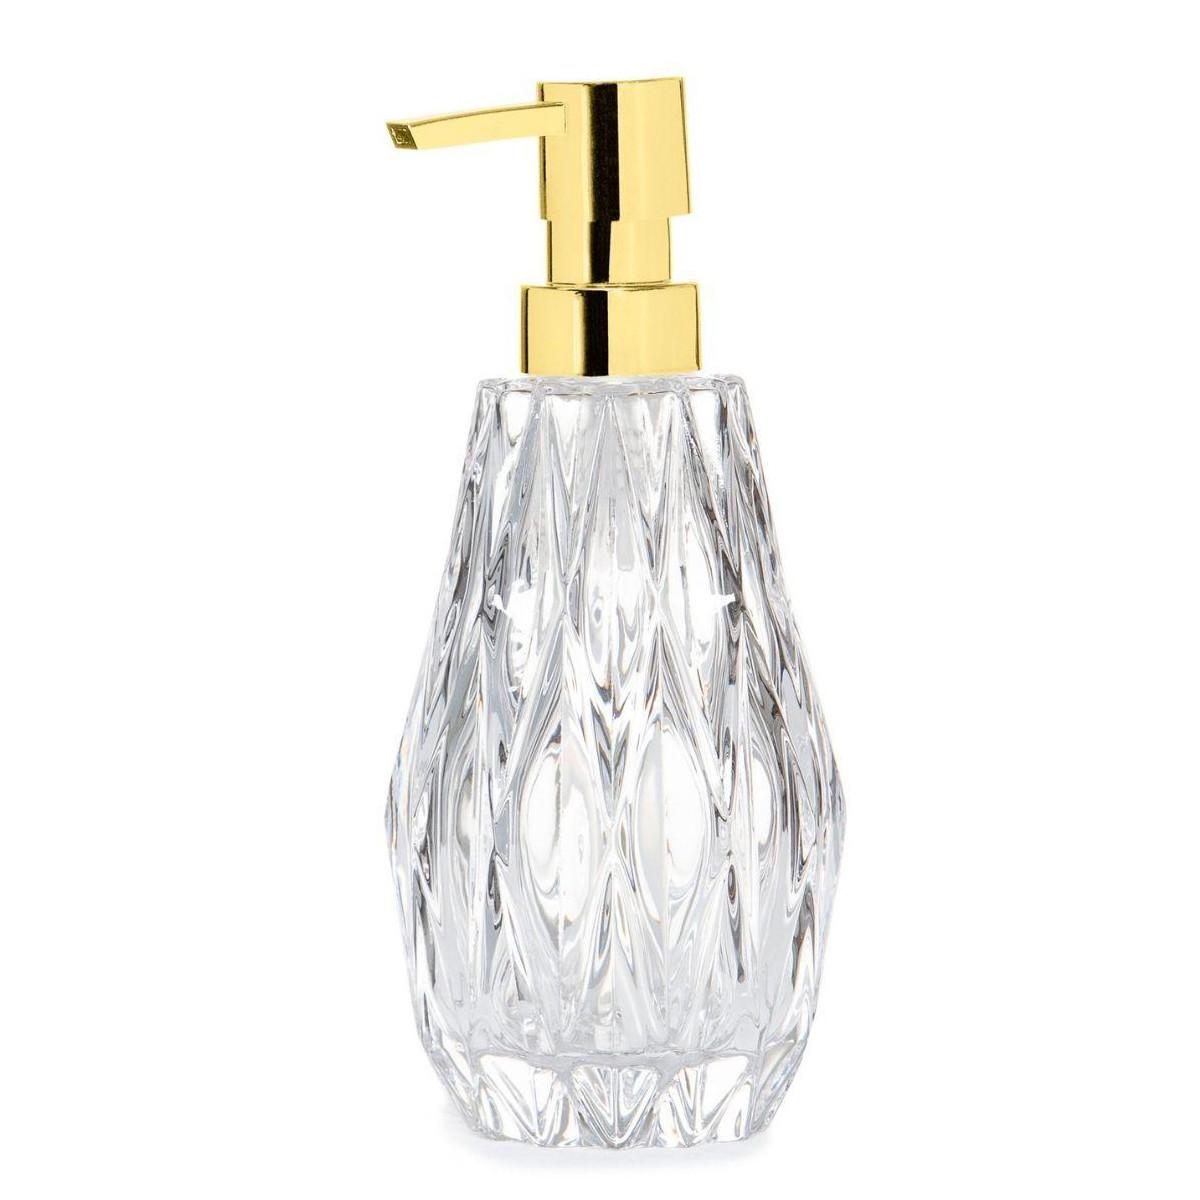 Distributeur de savon en verre taillé et bec verseur doré 8x20cm